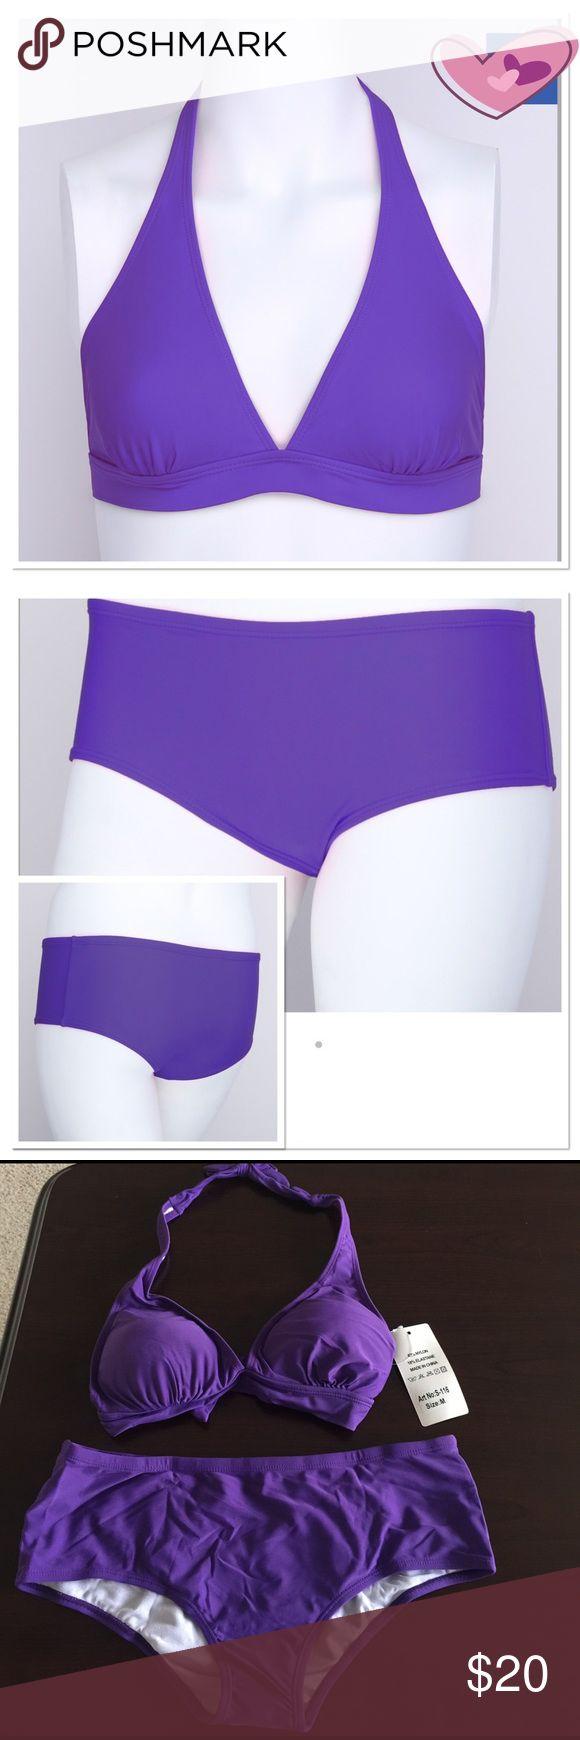 Liz claiborne bikini brief style # 7218 nwt